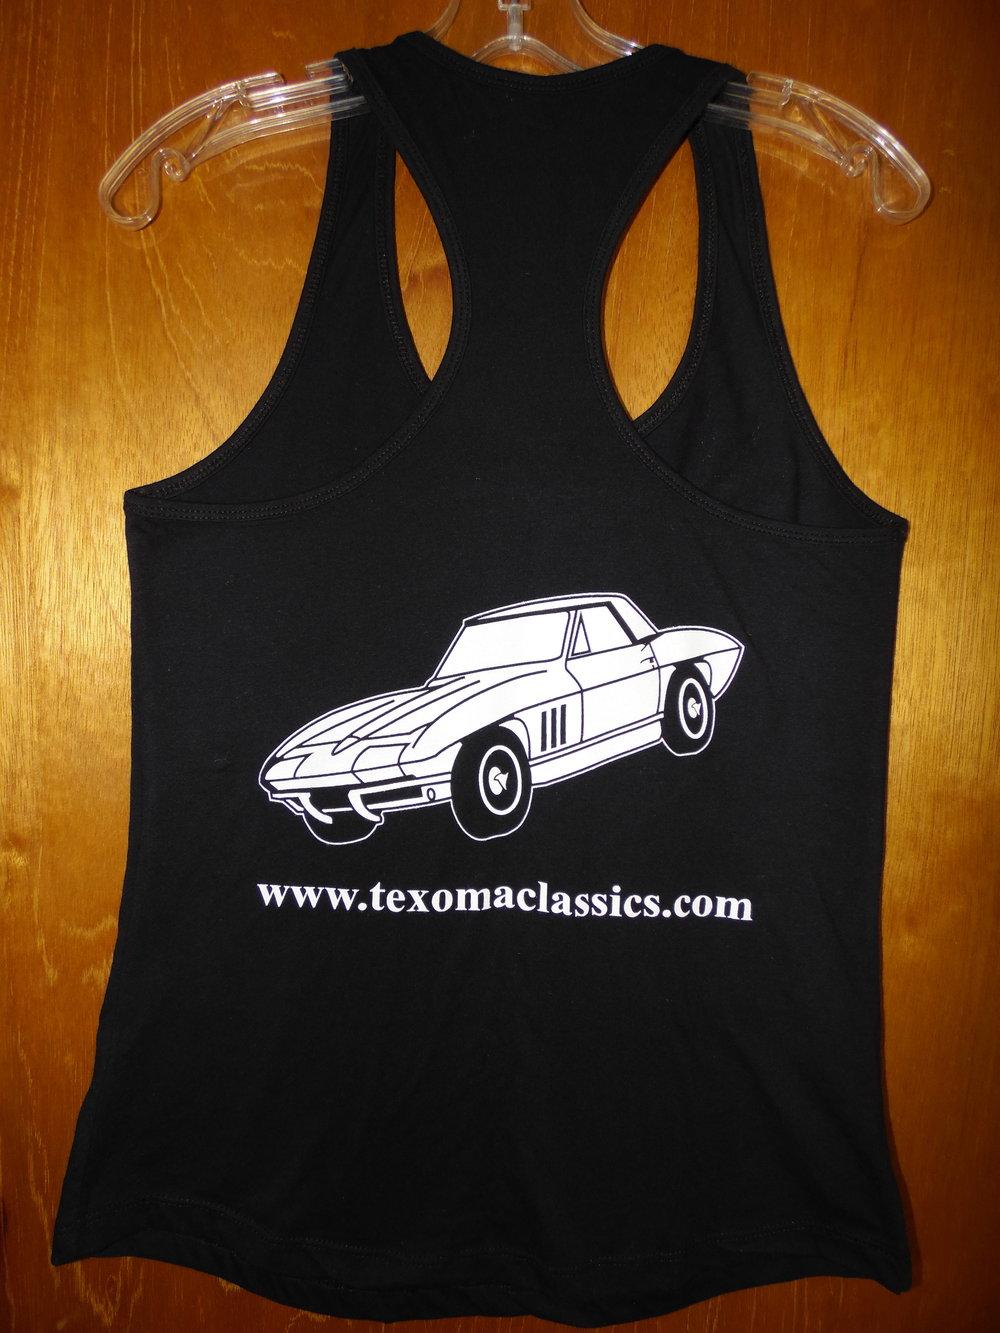 Texoma Classics Womens Tank